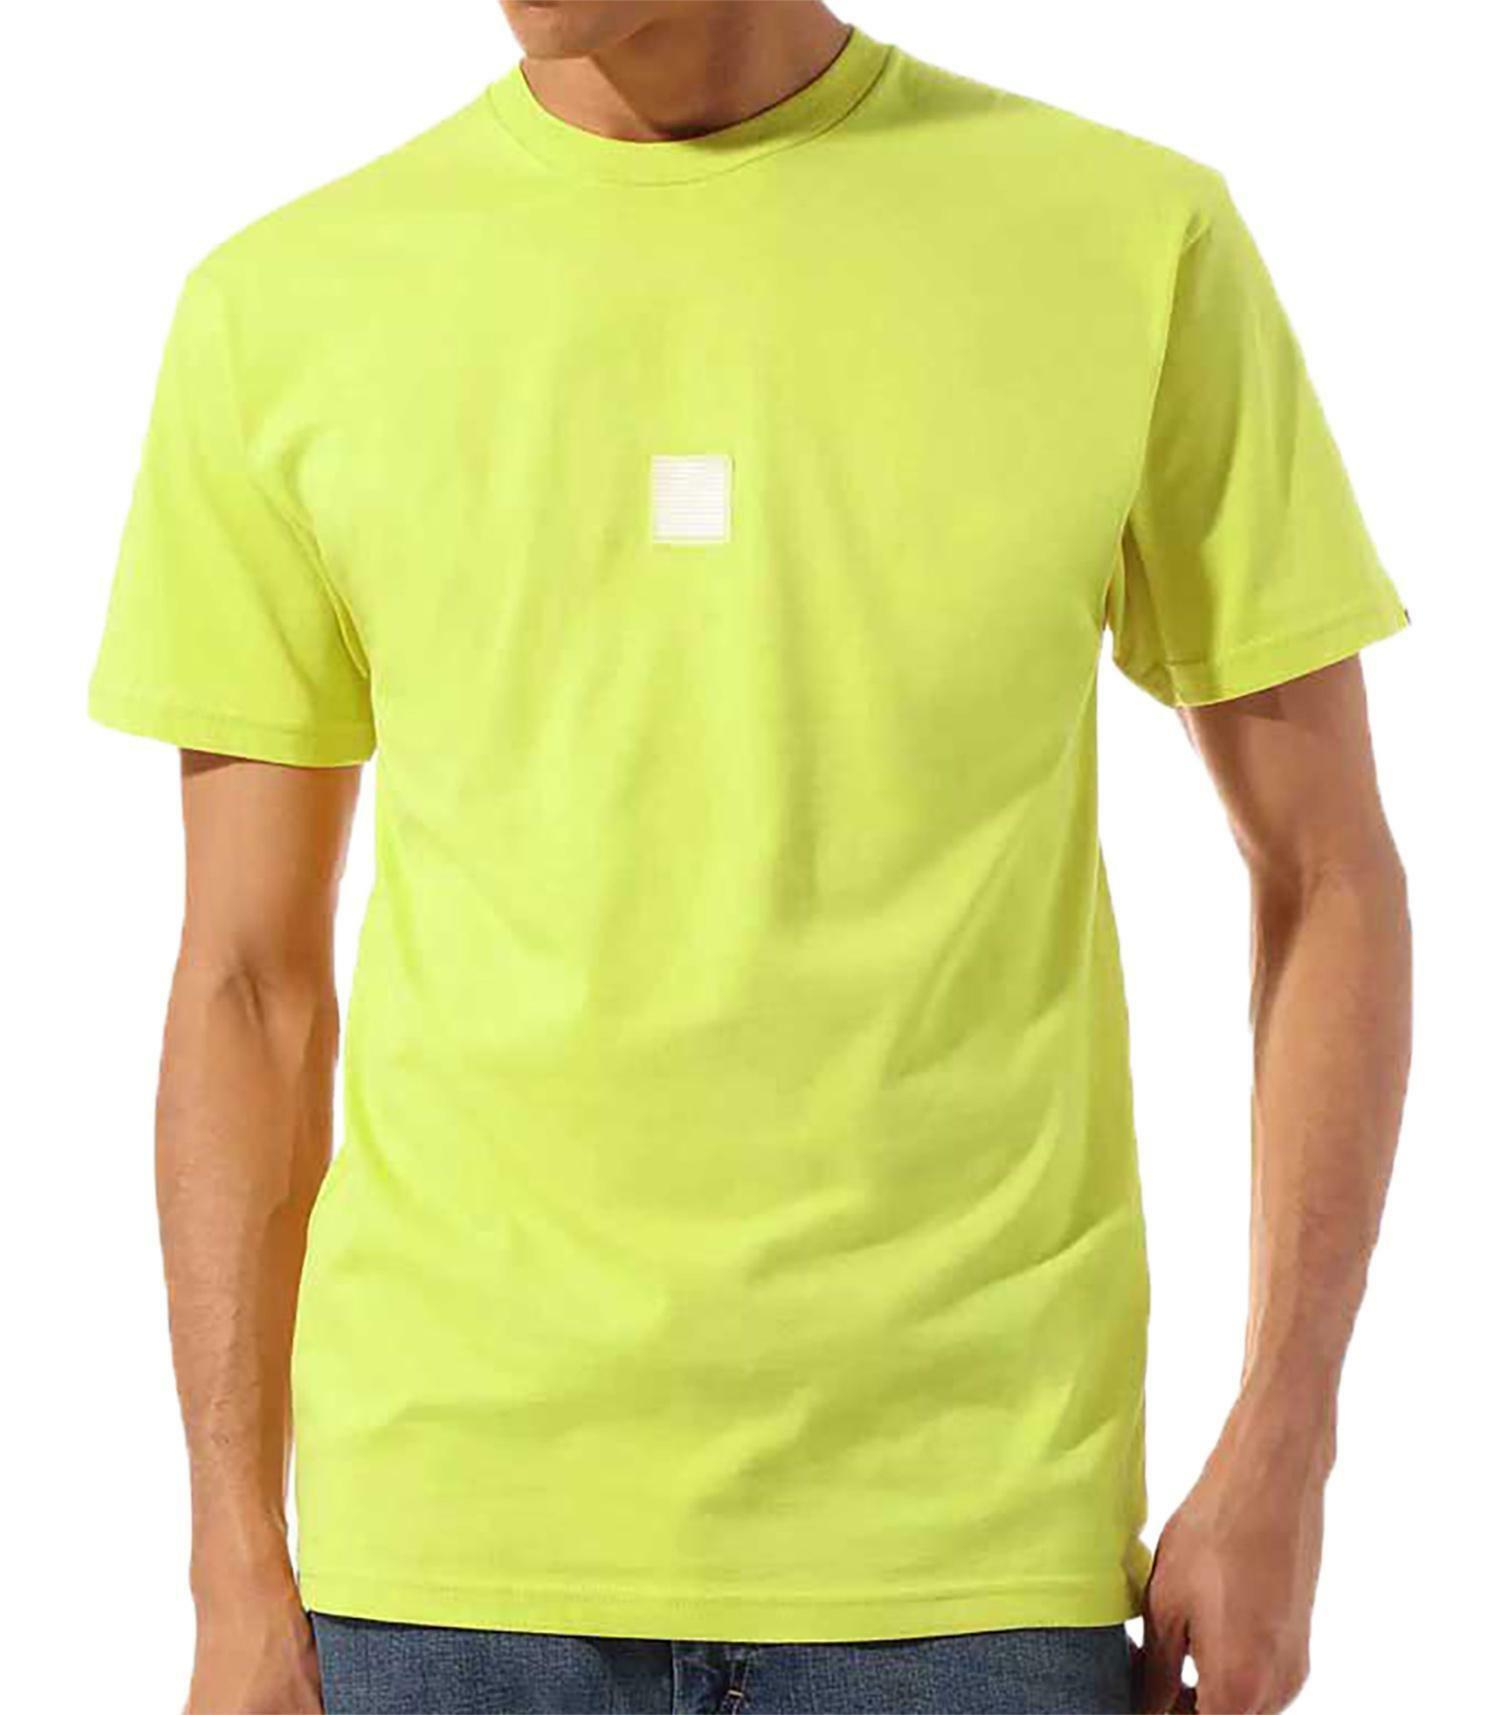 vans giallo fluo